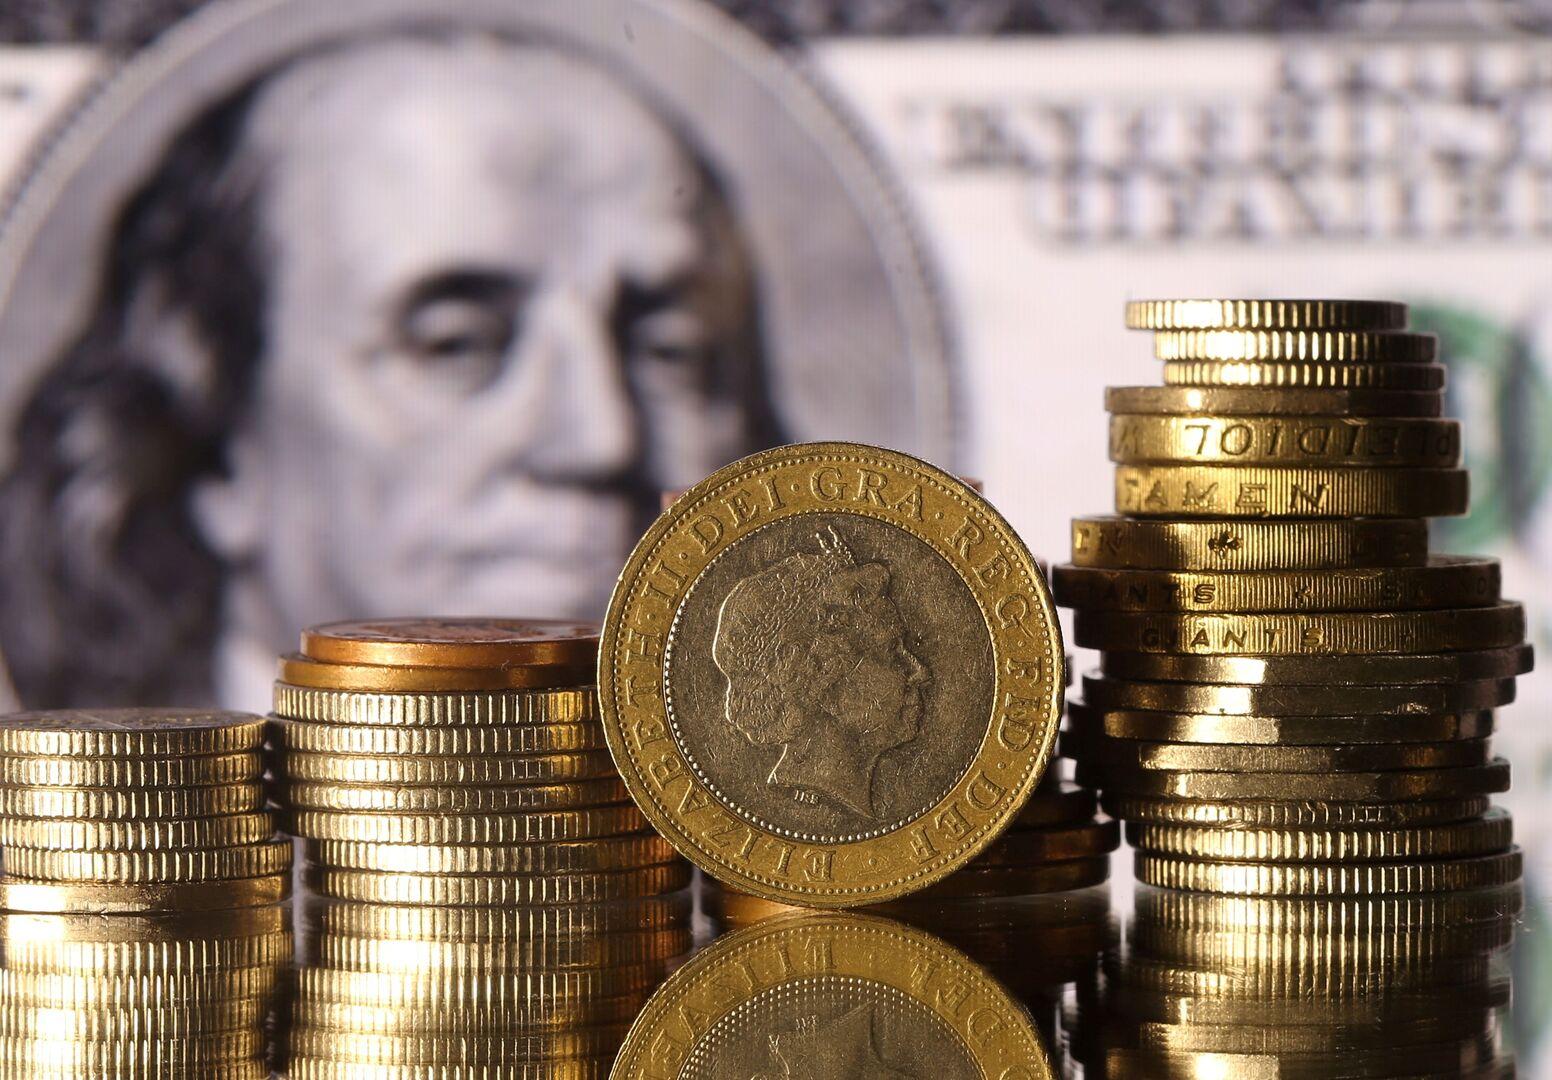 صندوق النقد: تراجع حصة الدولار من الاحتياطيات العالمية في الربع الثالث من العام